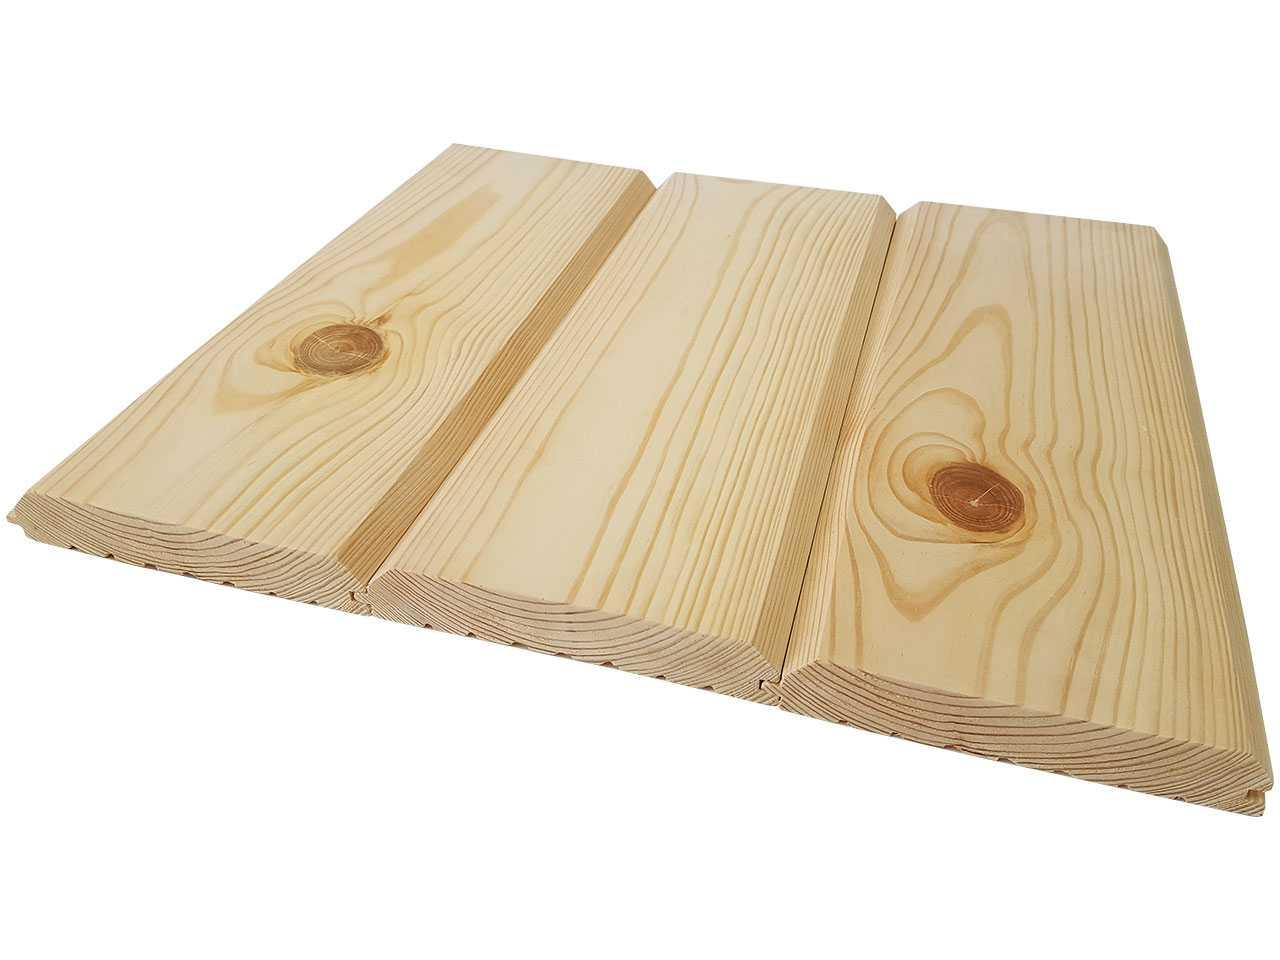 Фальшбрус, имитация бруса из сосны, сечение 160x30 мм